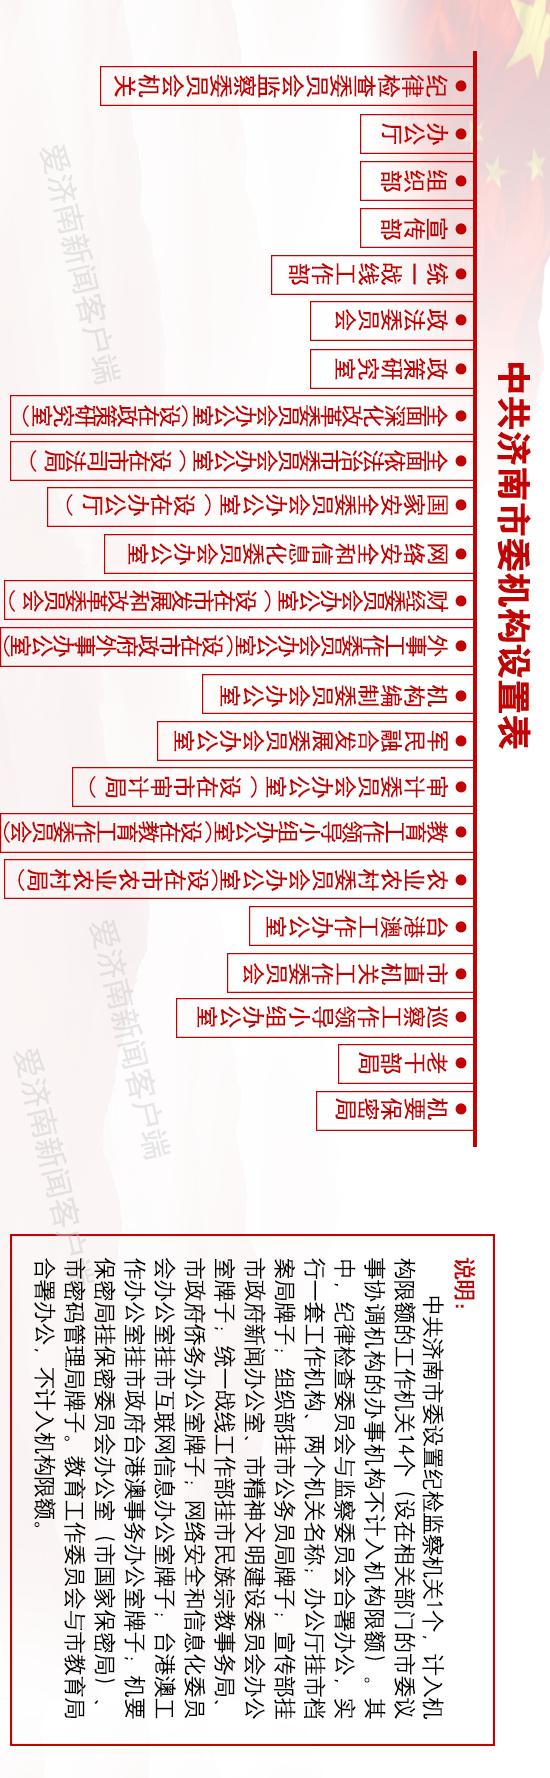 济南市市级机构改革 :市委市政府机构设置表来了